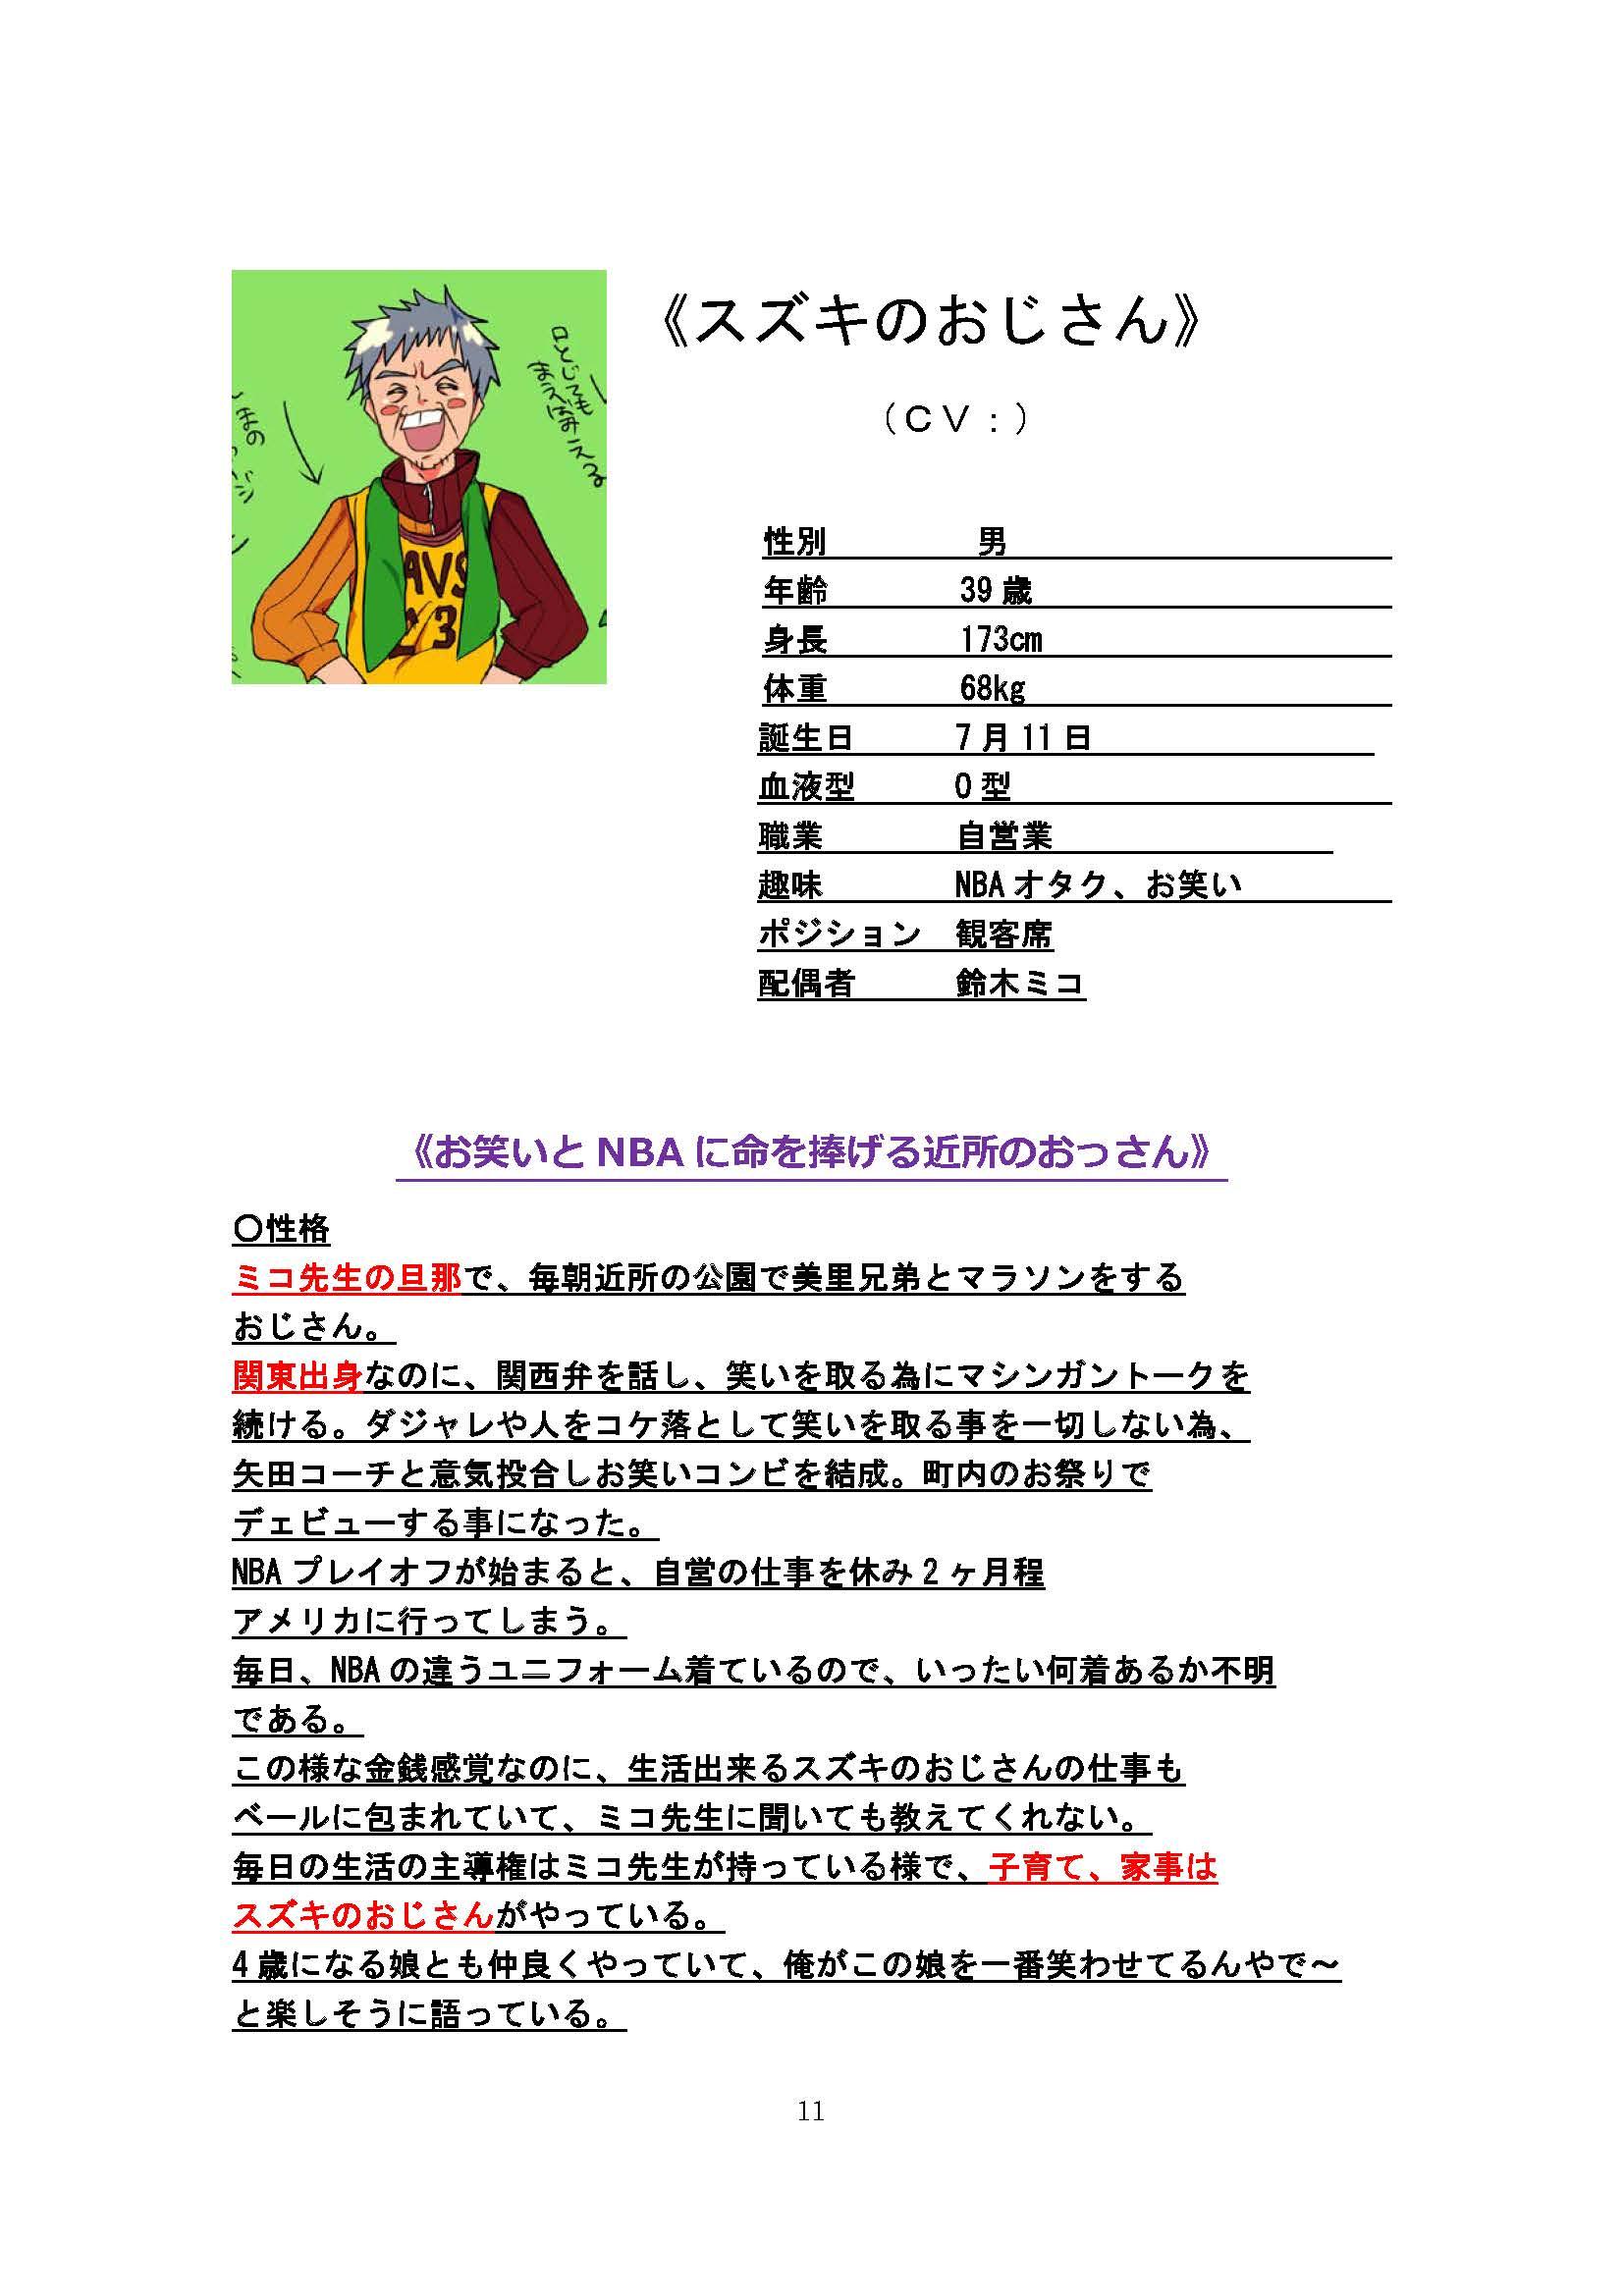 トリプルスレット3キャラクター履歴書_ページ_11